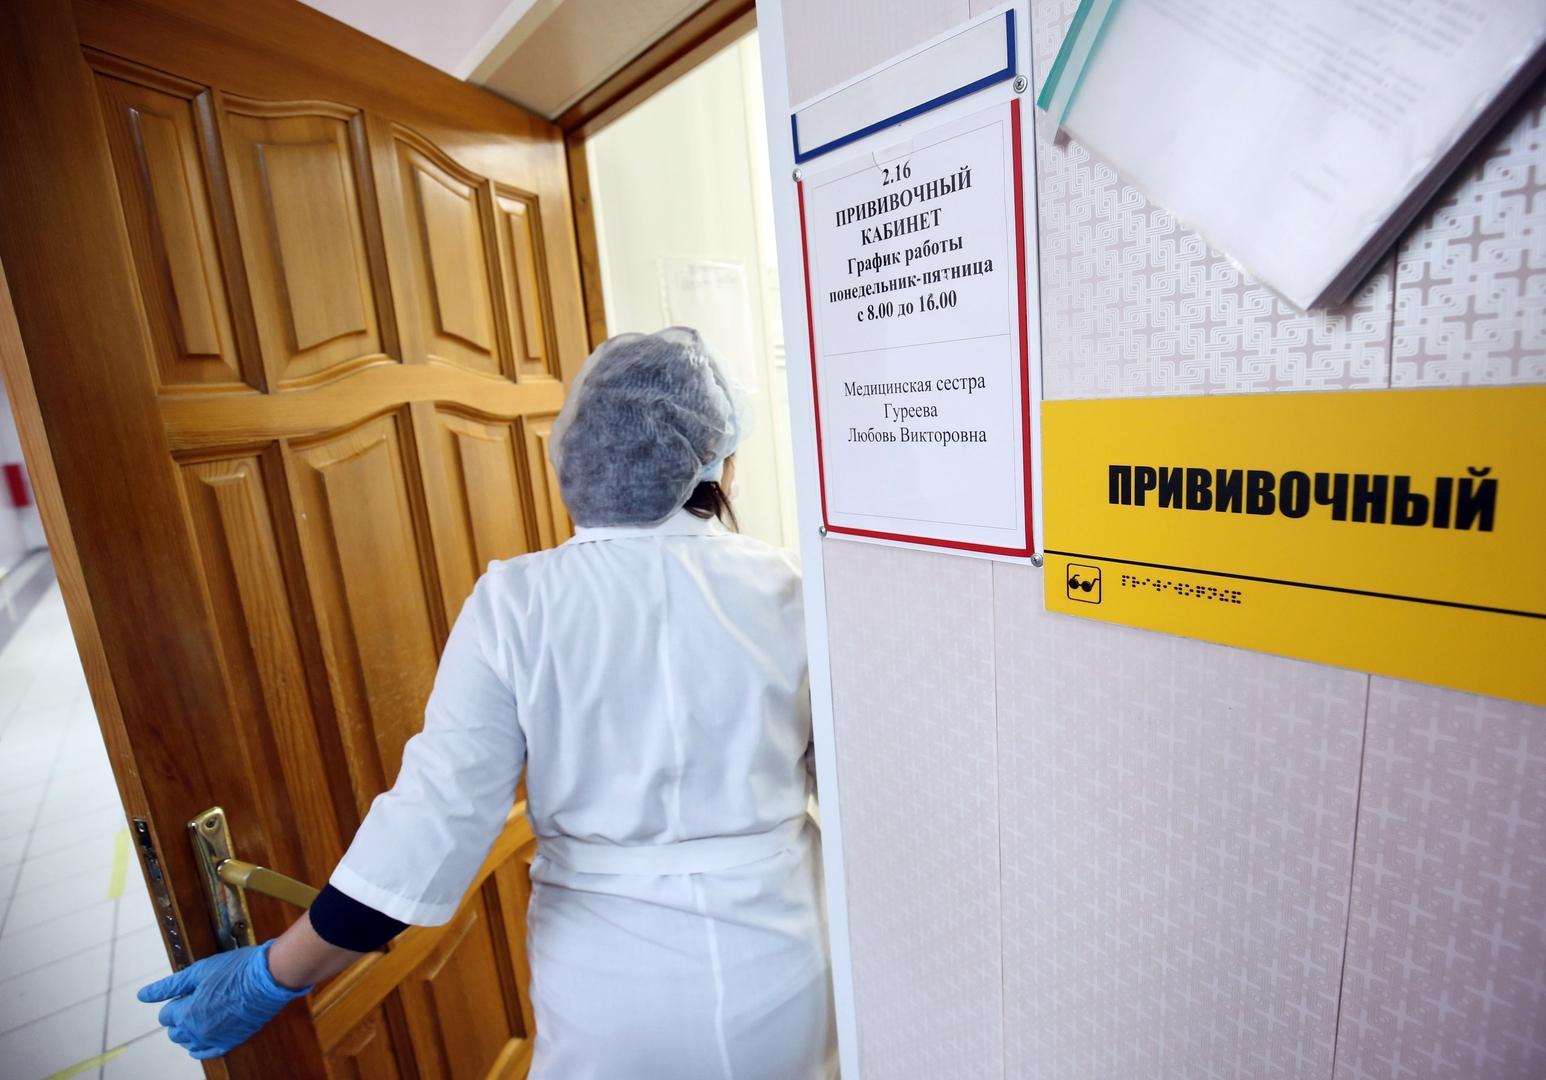 فتح باب التسجيل الإلكتروني للتطعيم ضد كورونا في موسكو اعتبارا من يوم غد